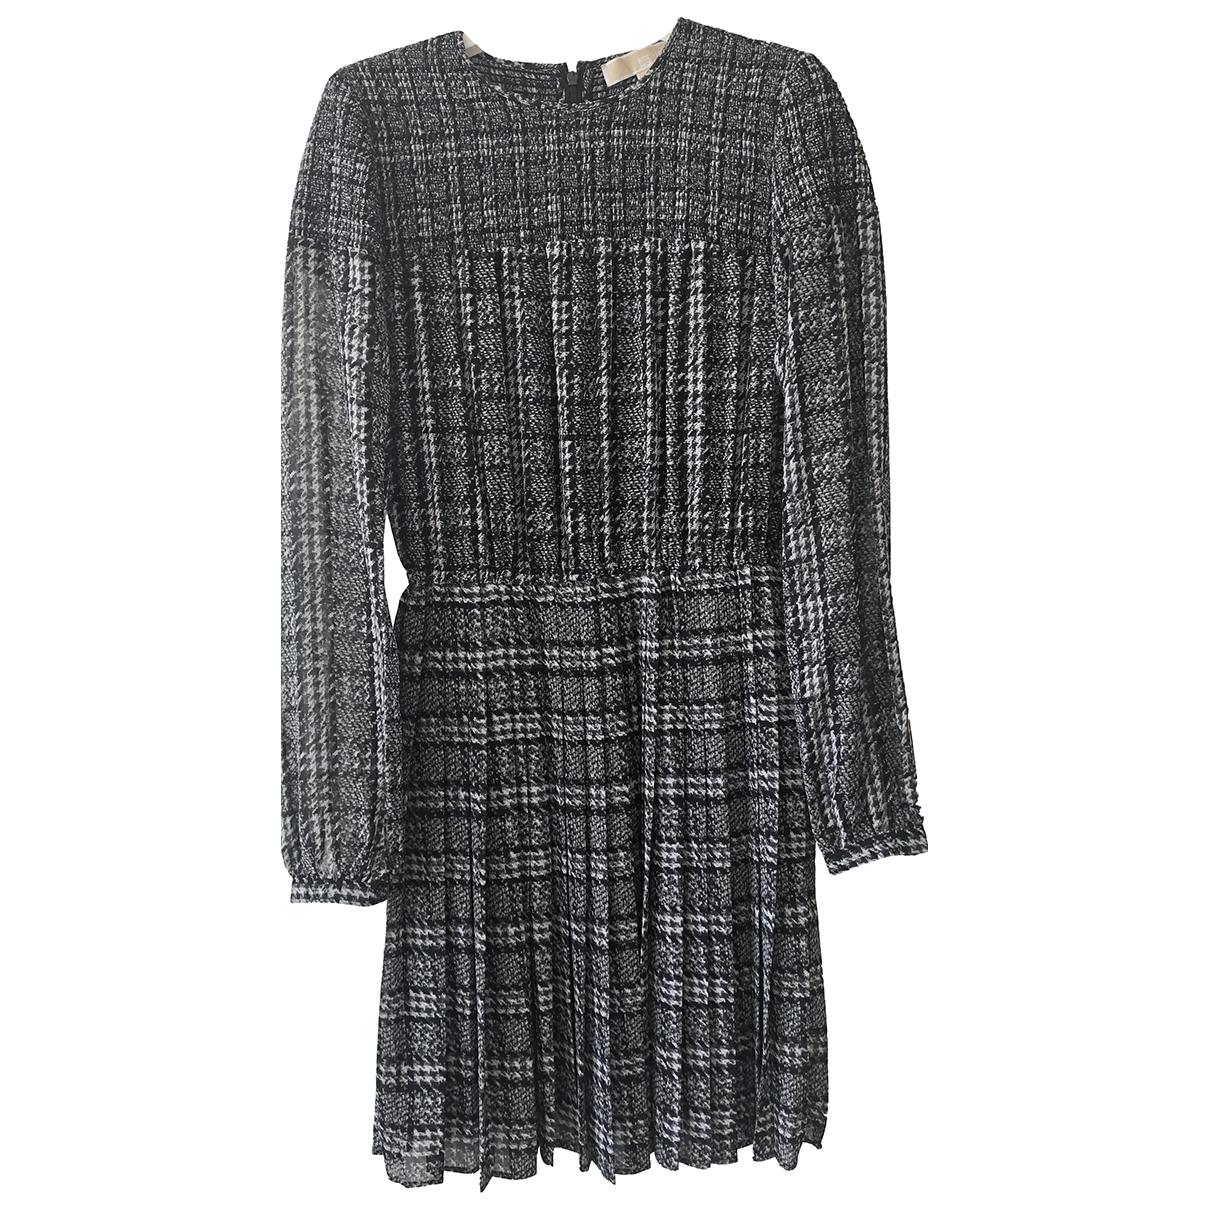 Michael Kors \N Kleid in  Grau Polyester